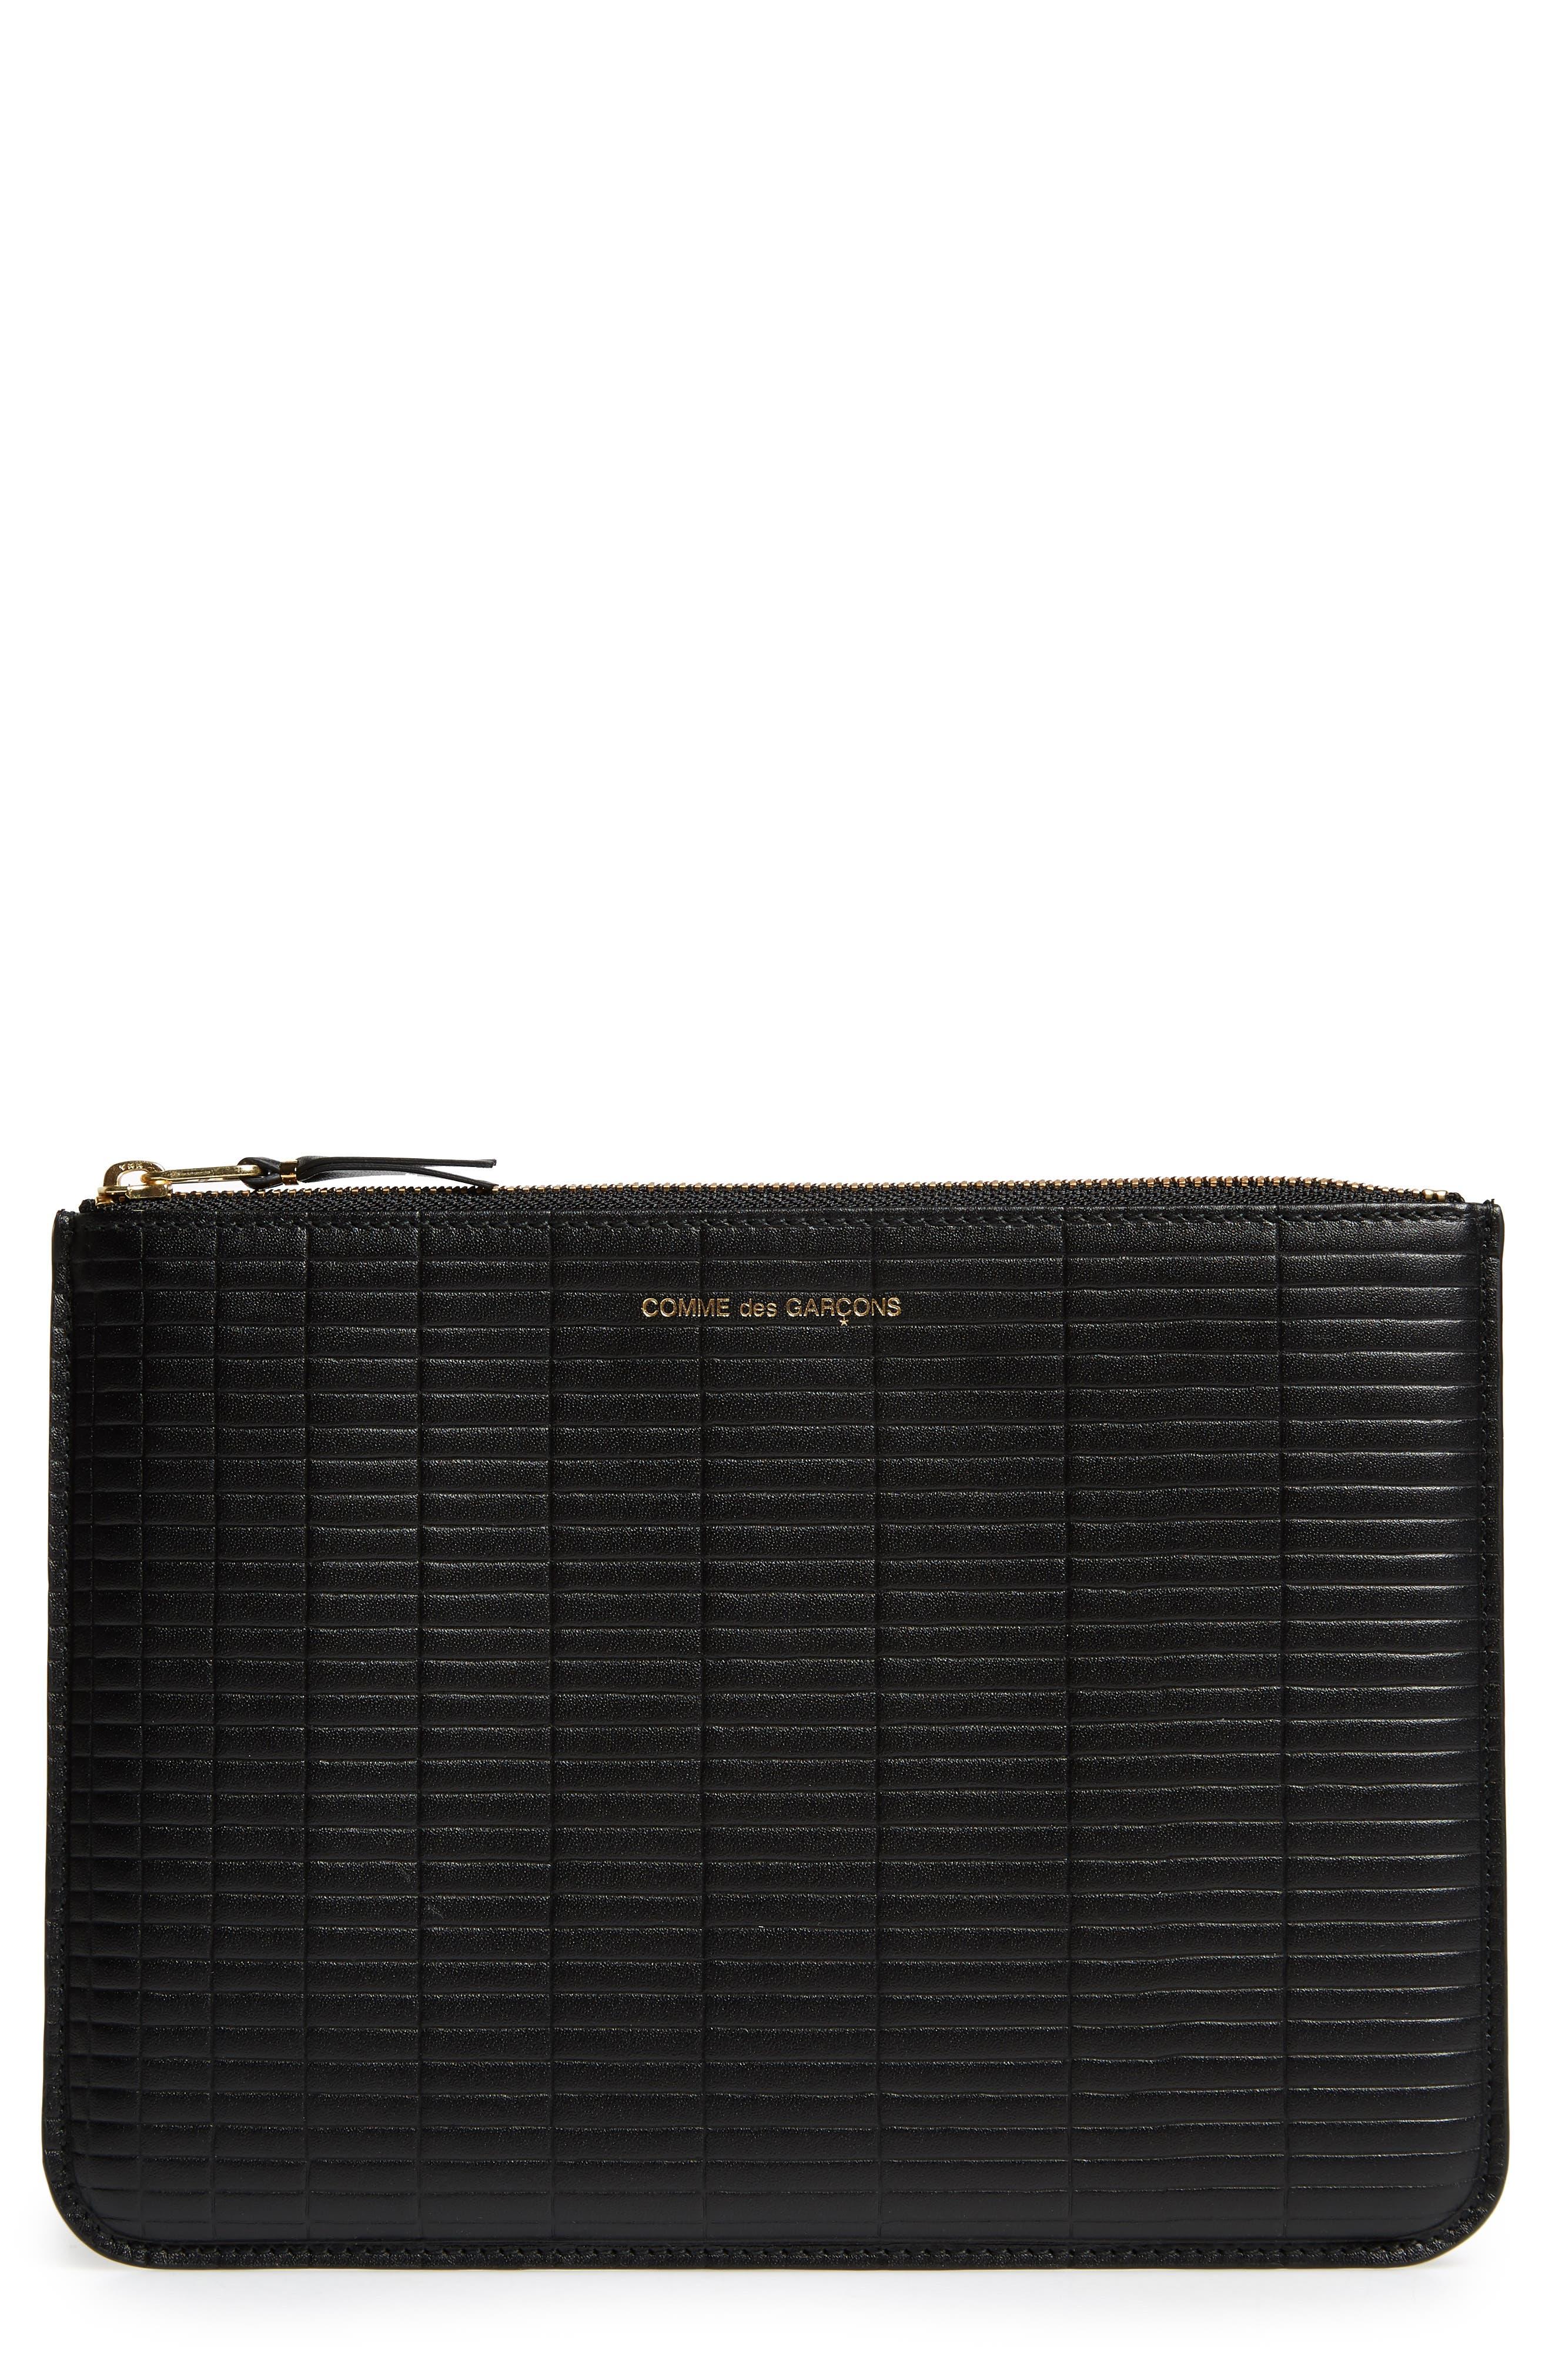 COMME DES GARÇONS Brick Line Embossed Leather Pouch, Main, color, BLACK